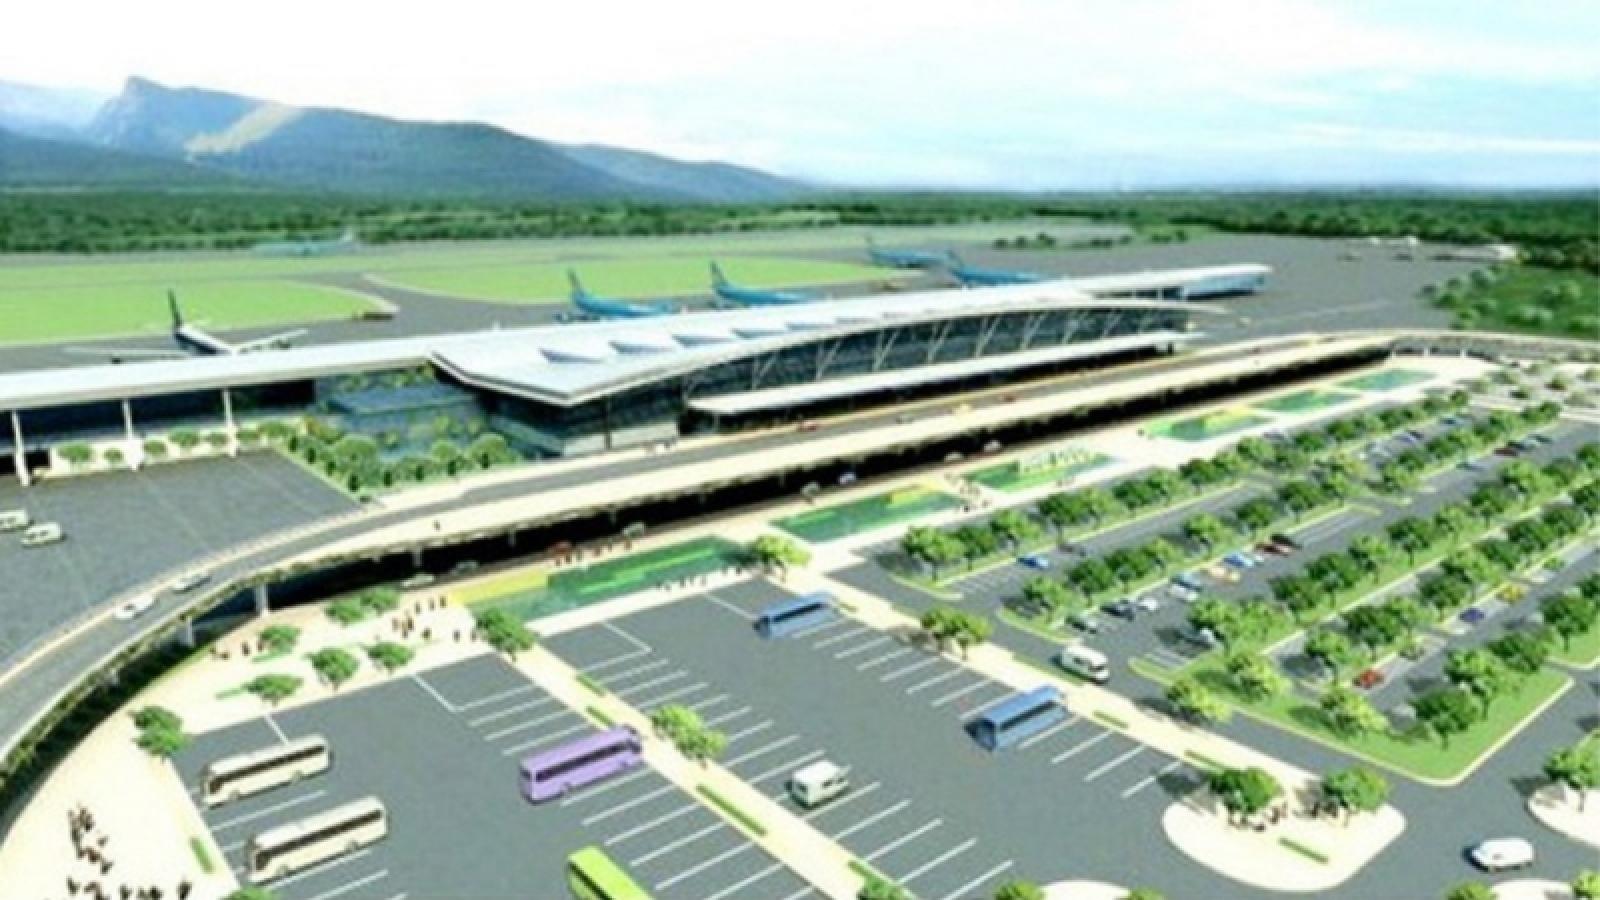 Lào Cai chuẩn bị xây dựng sân bay 7.000 tỷ đồng